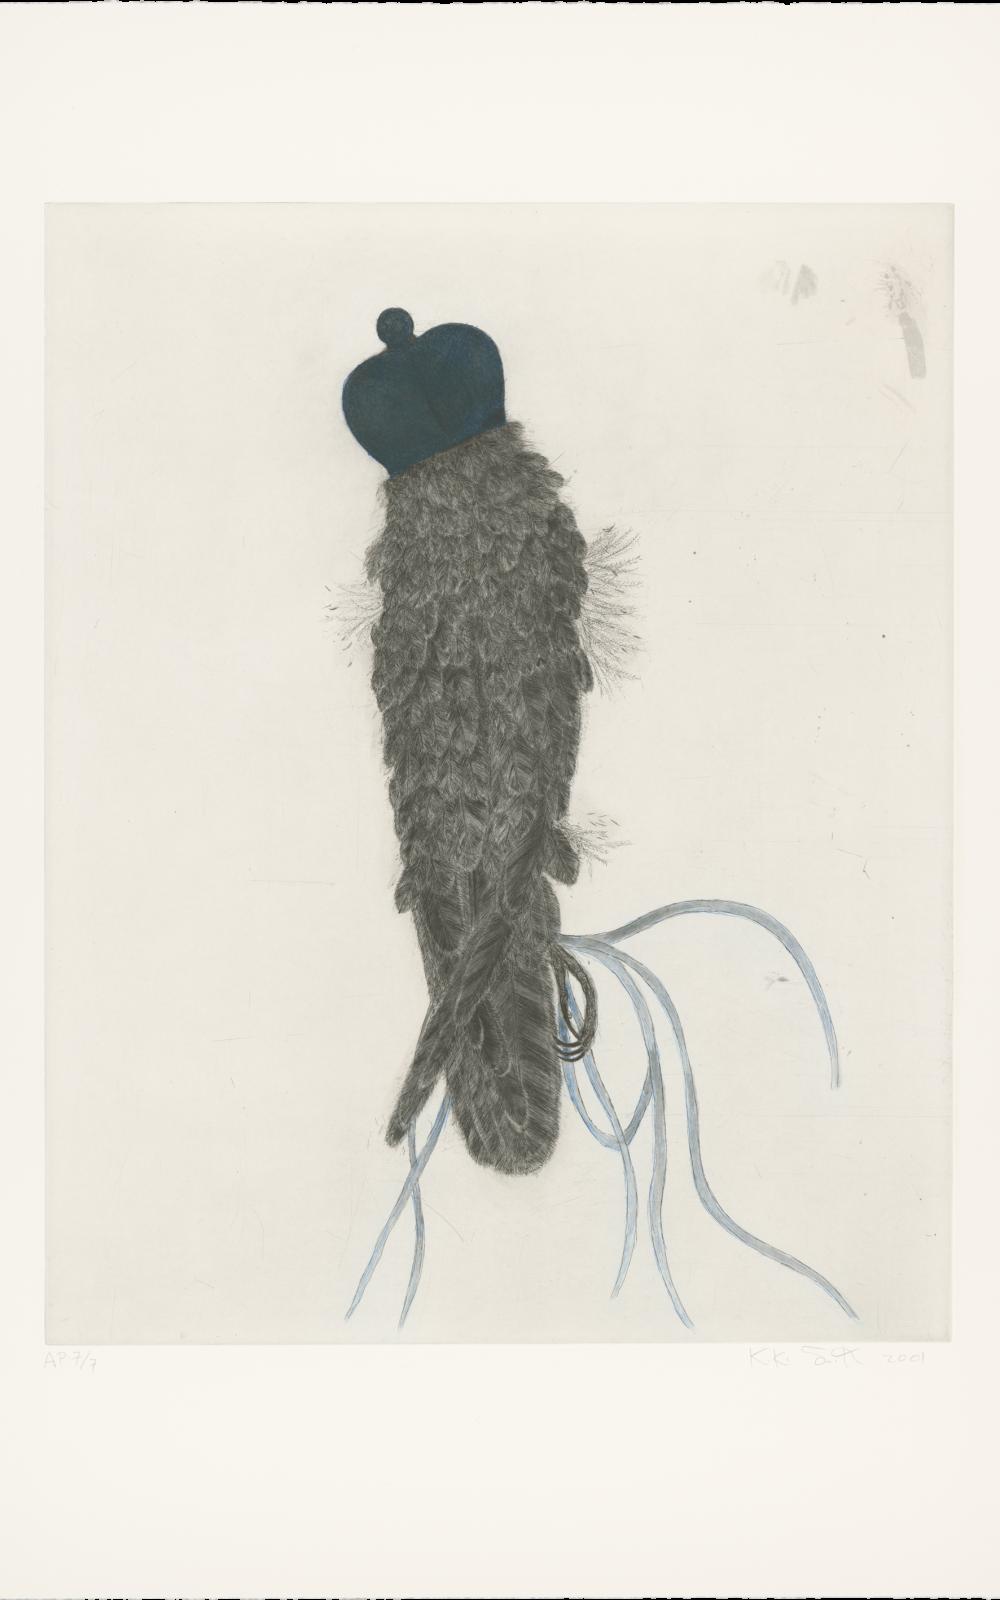 Kiki Smith, Falcon, 2001, Radierung und Aquatinta auf Hahnemühle Copperplate Bright White-Papier, 883 x 711 mm, Staatliche Graphische Sammlung München, Schenkung der Künstlerin © Kiki Smith, courtesy Pace Gallery